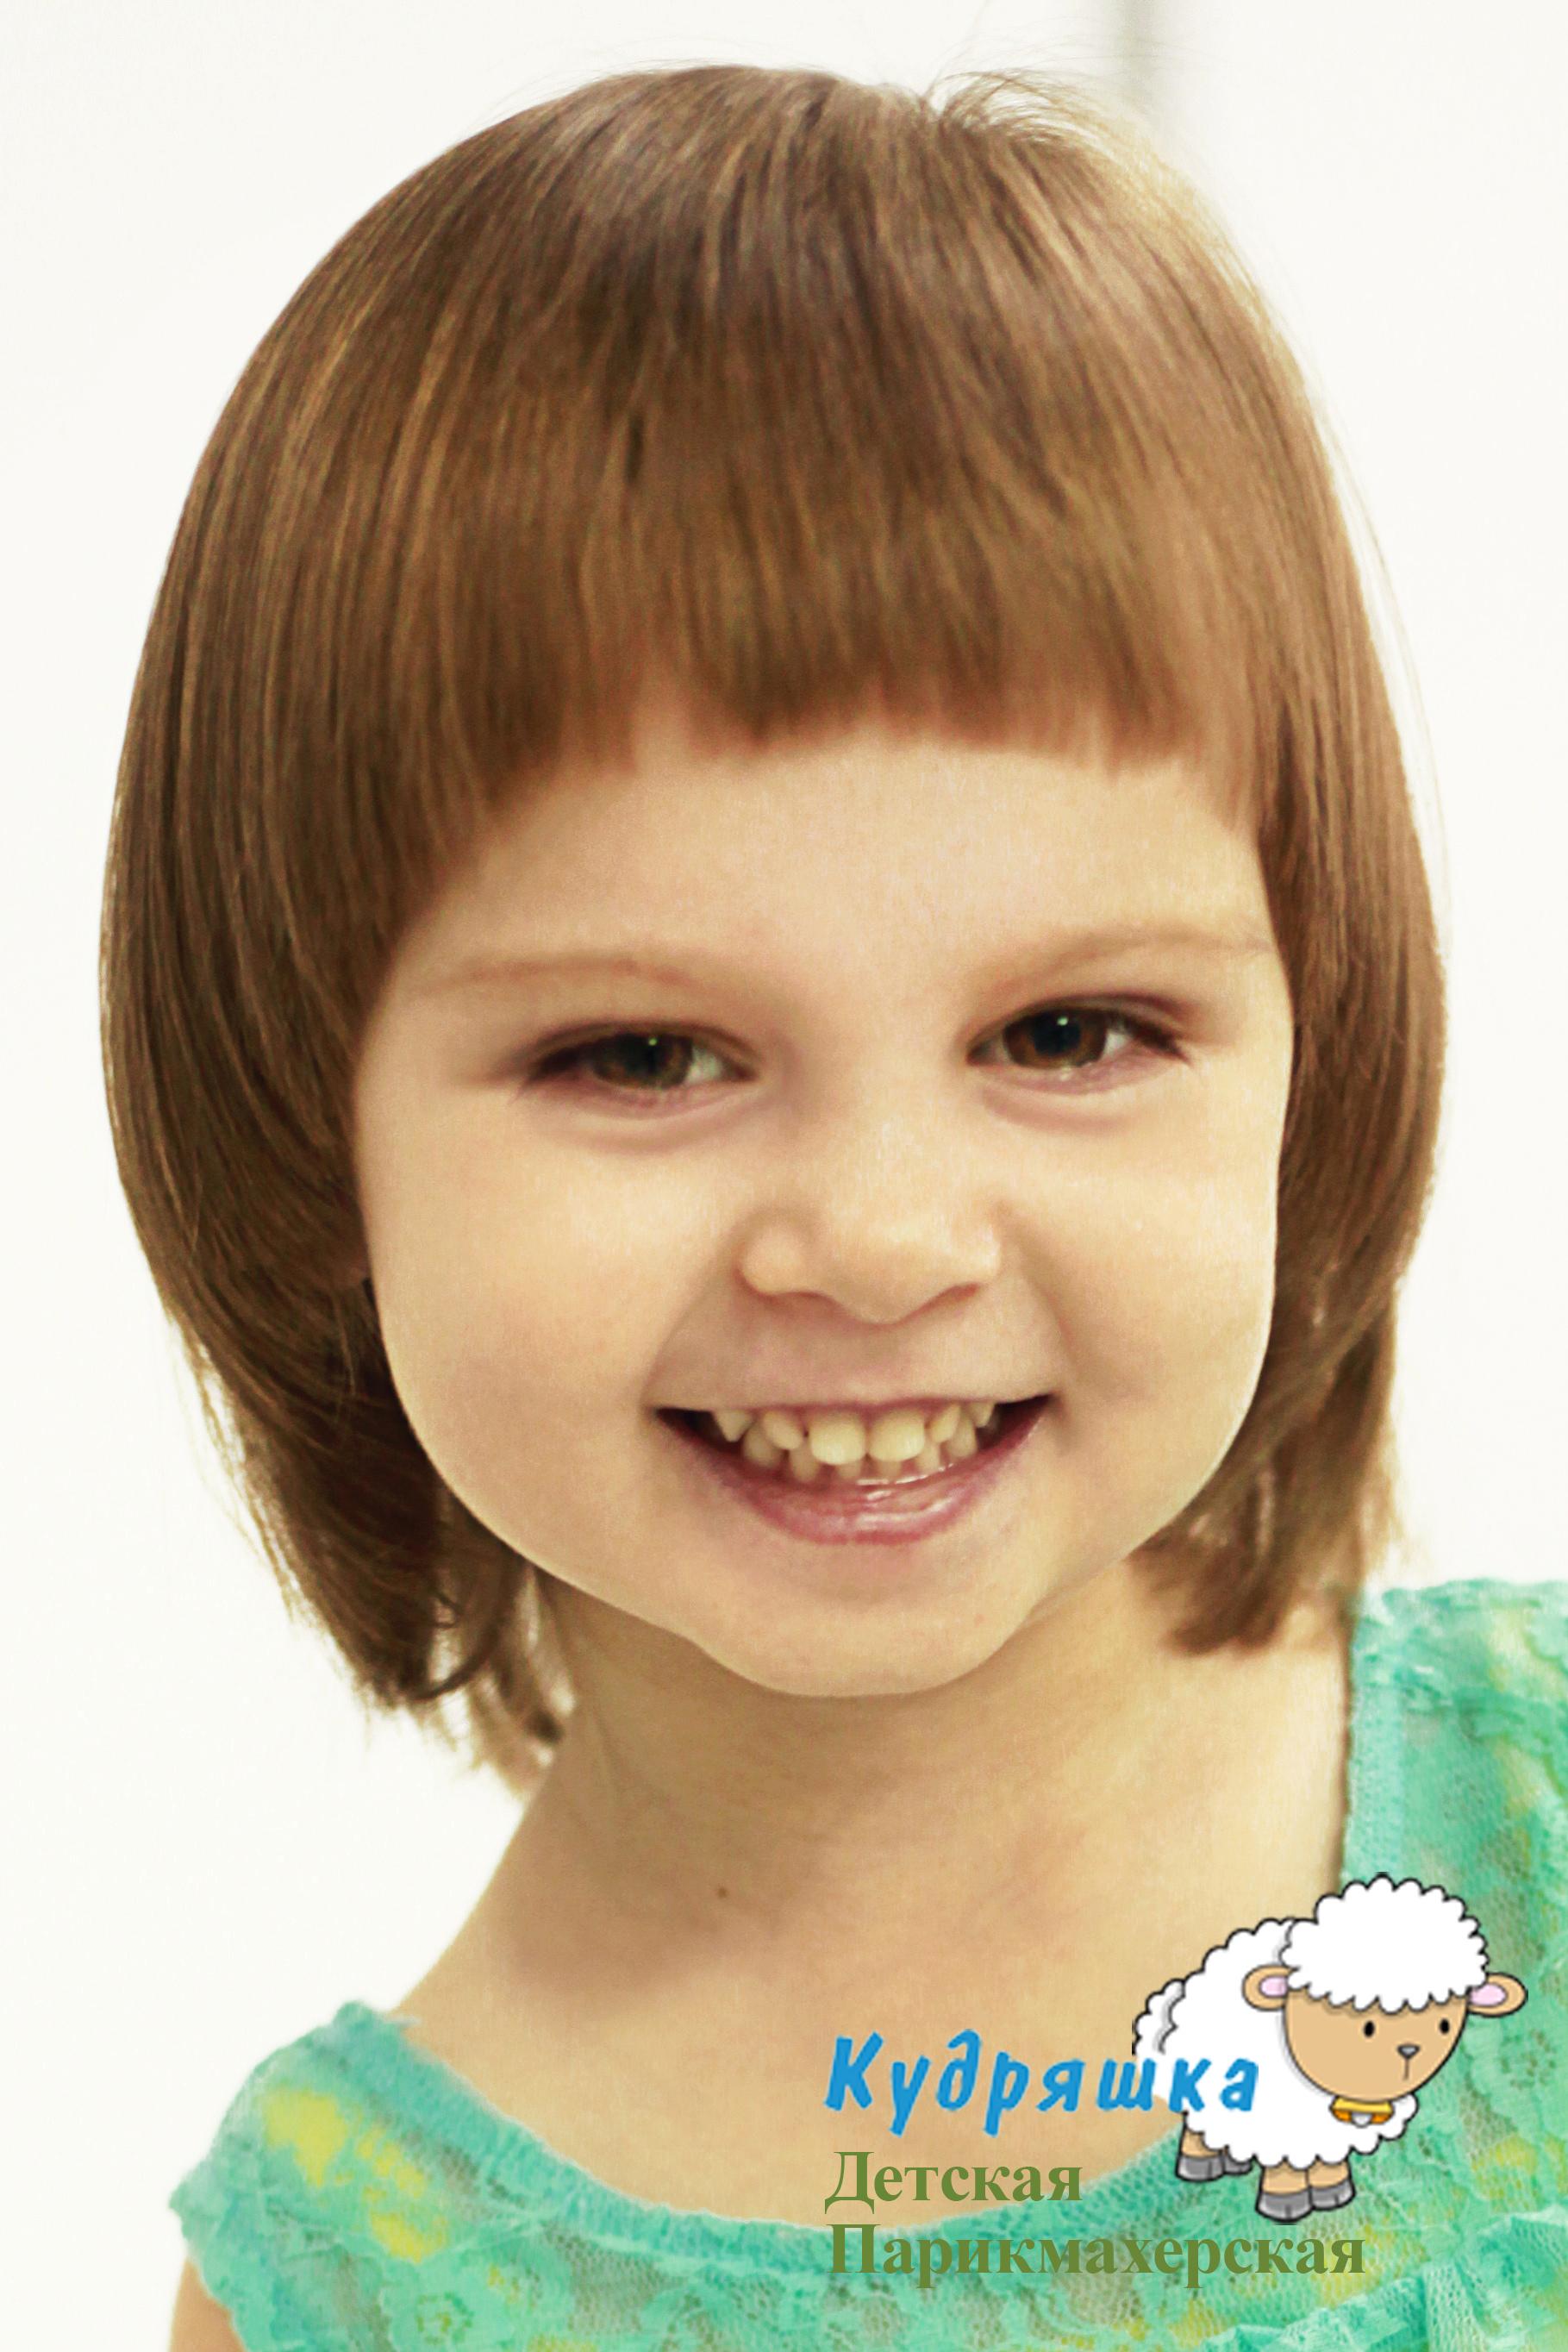 Прически на девочку в 2 года фото